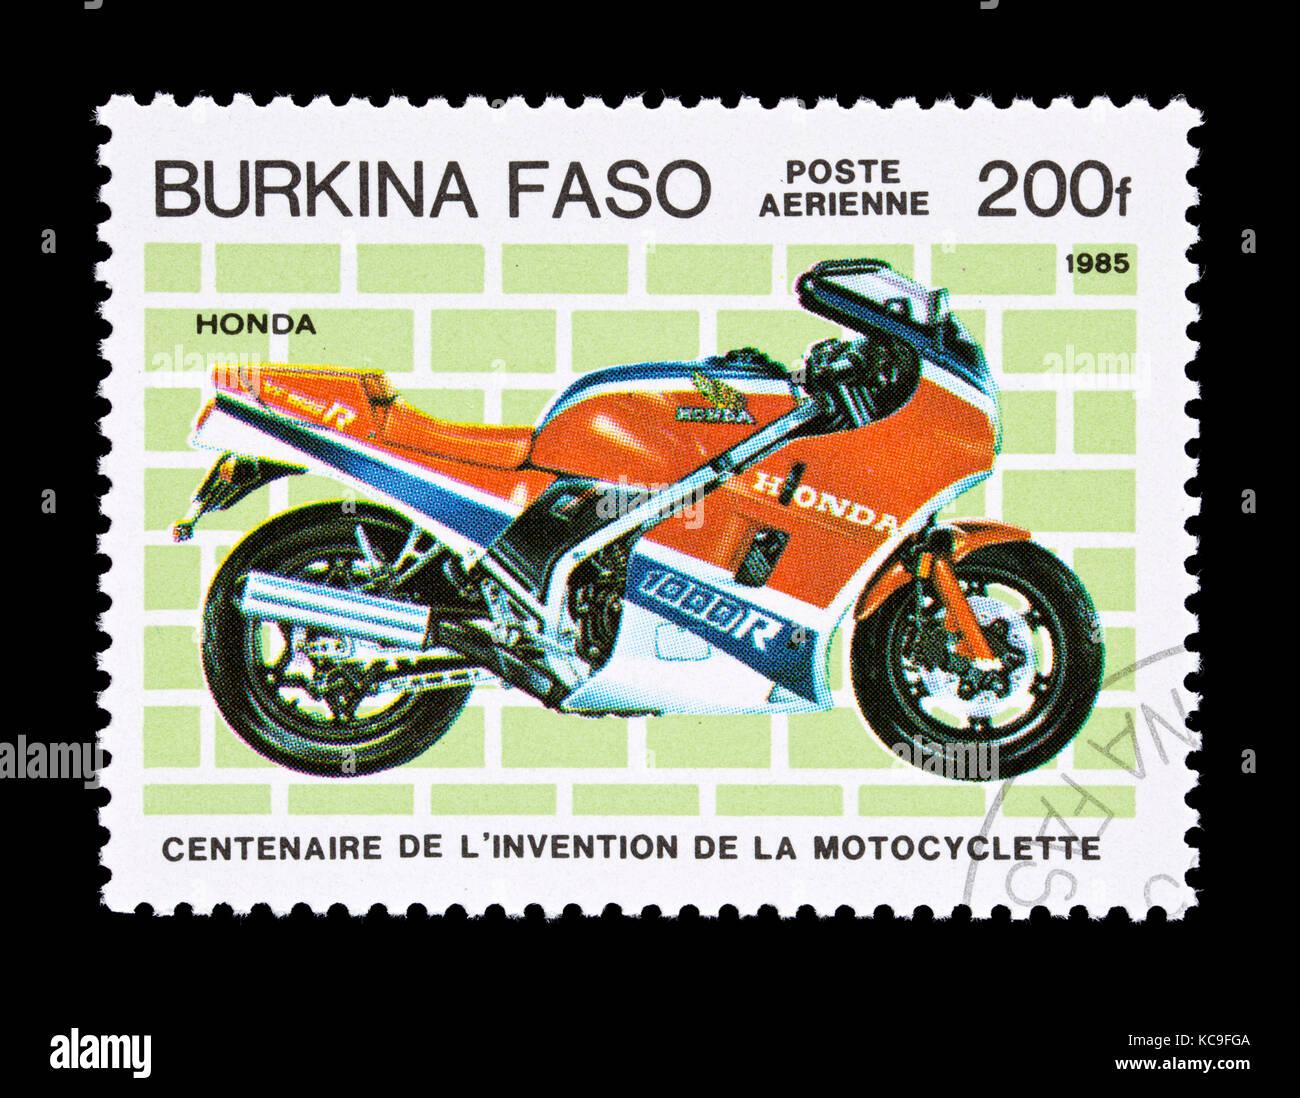 Burkina Faso Briefmarken Aus Burkina Faso Briefmarken